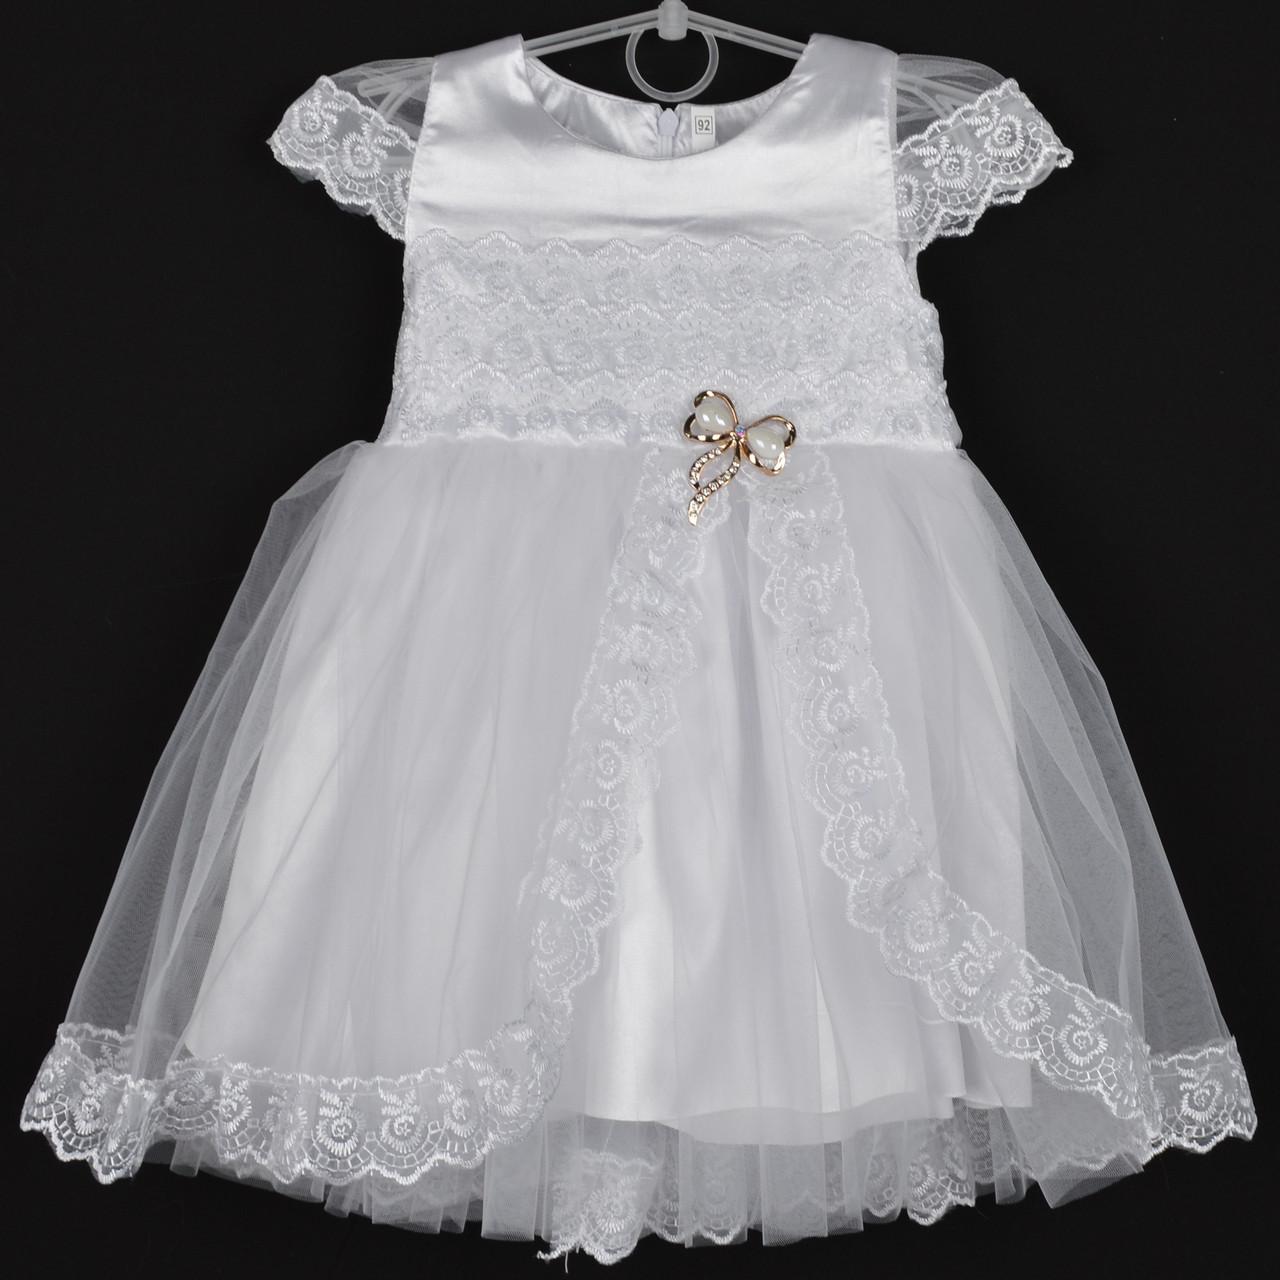 """Платье детское """"Милашка"""" 2-3-4-5-6 лет (92-116 см). Белое. Оптом"""